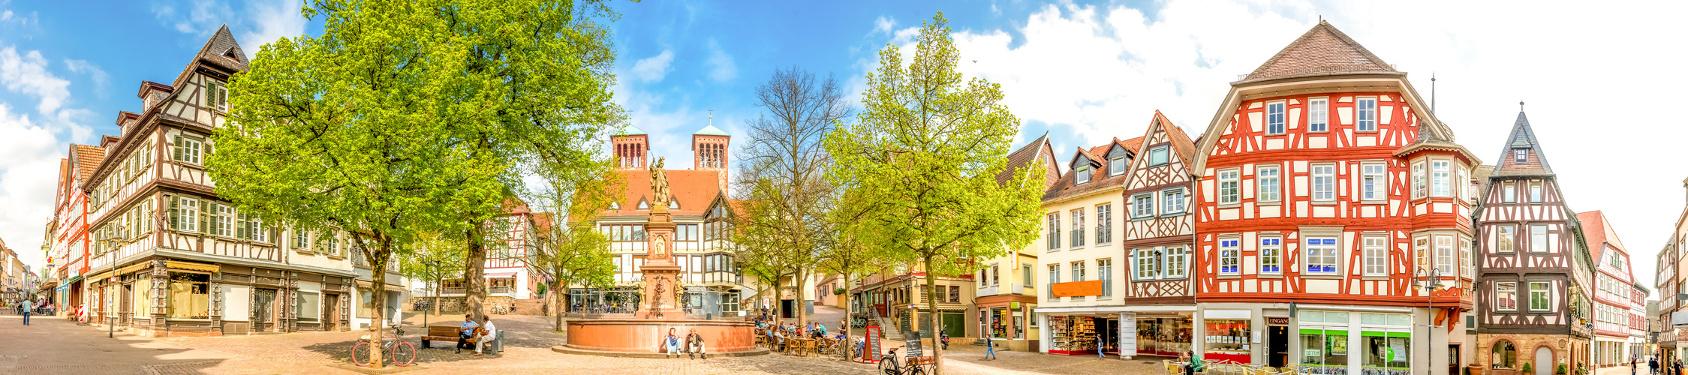 Bild von Bensheim